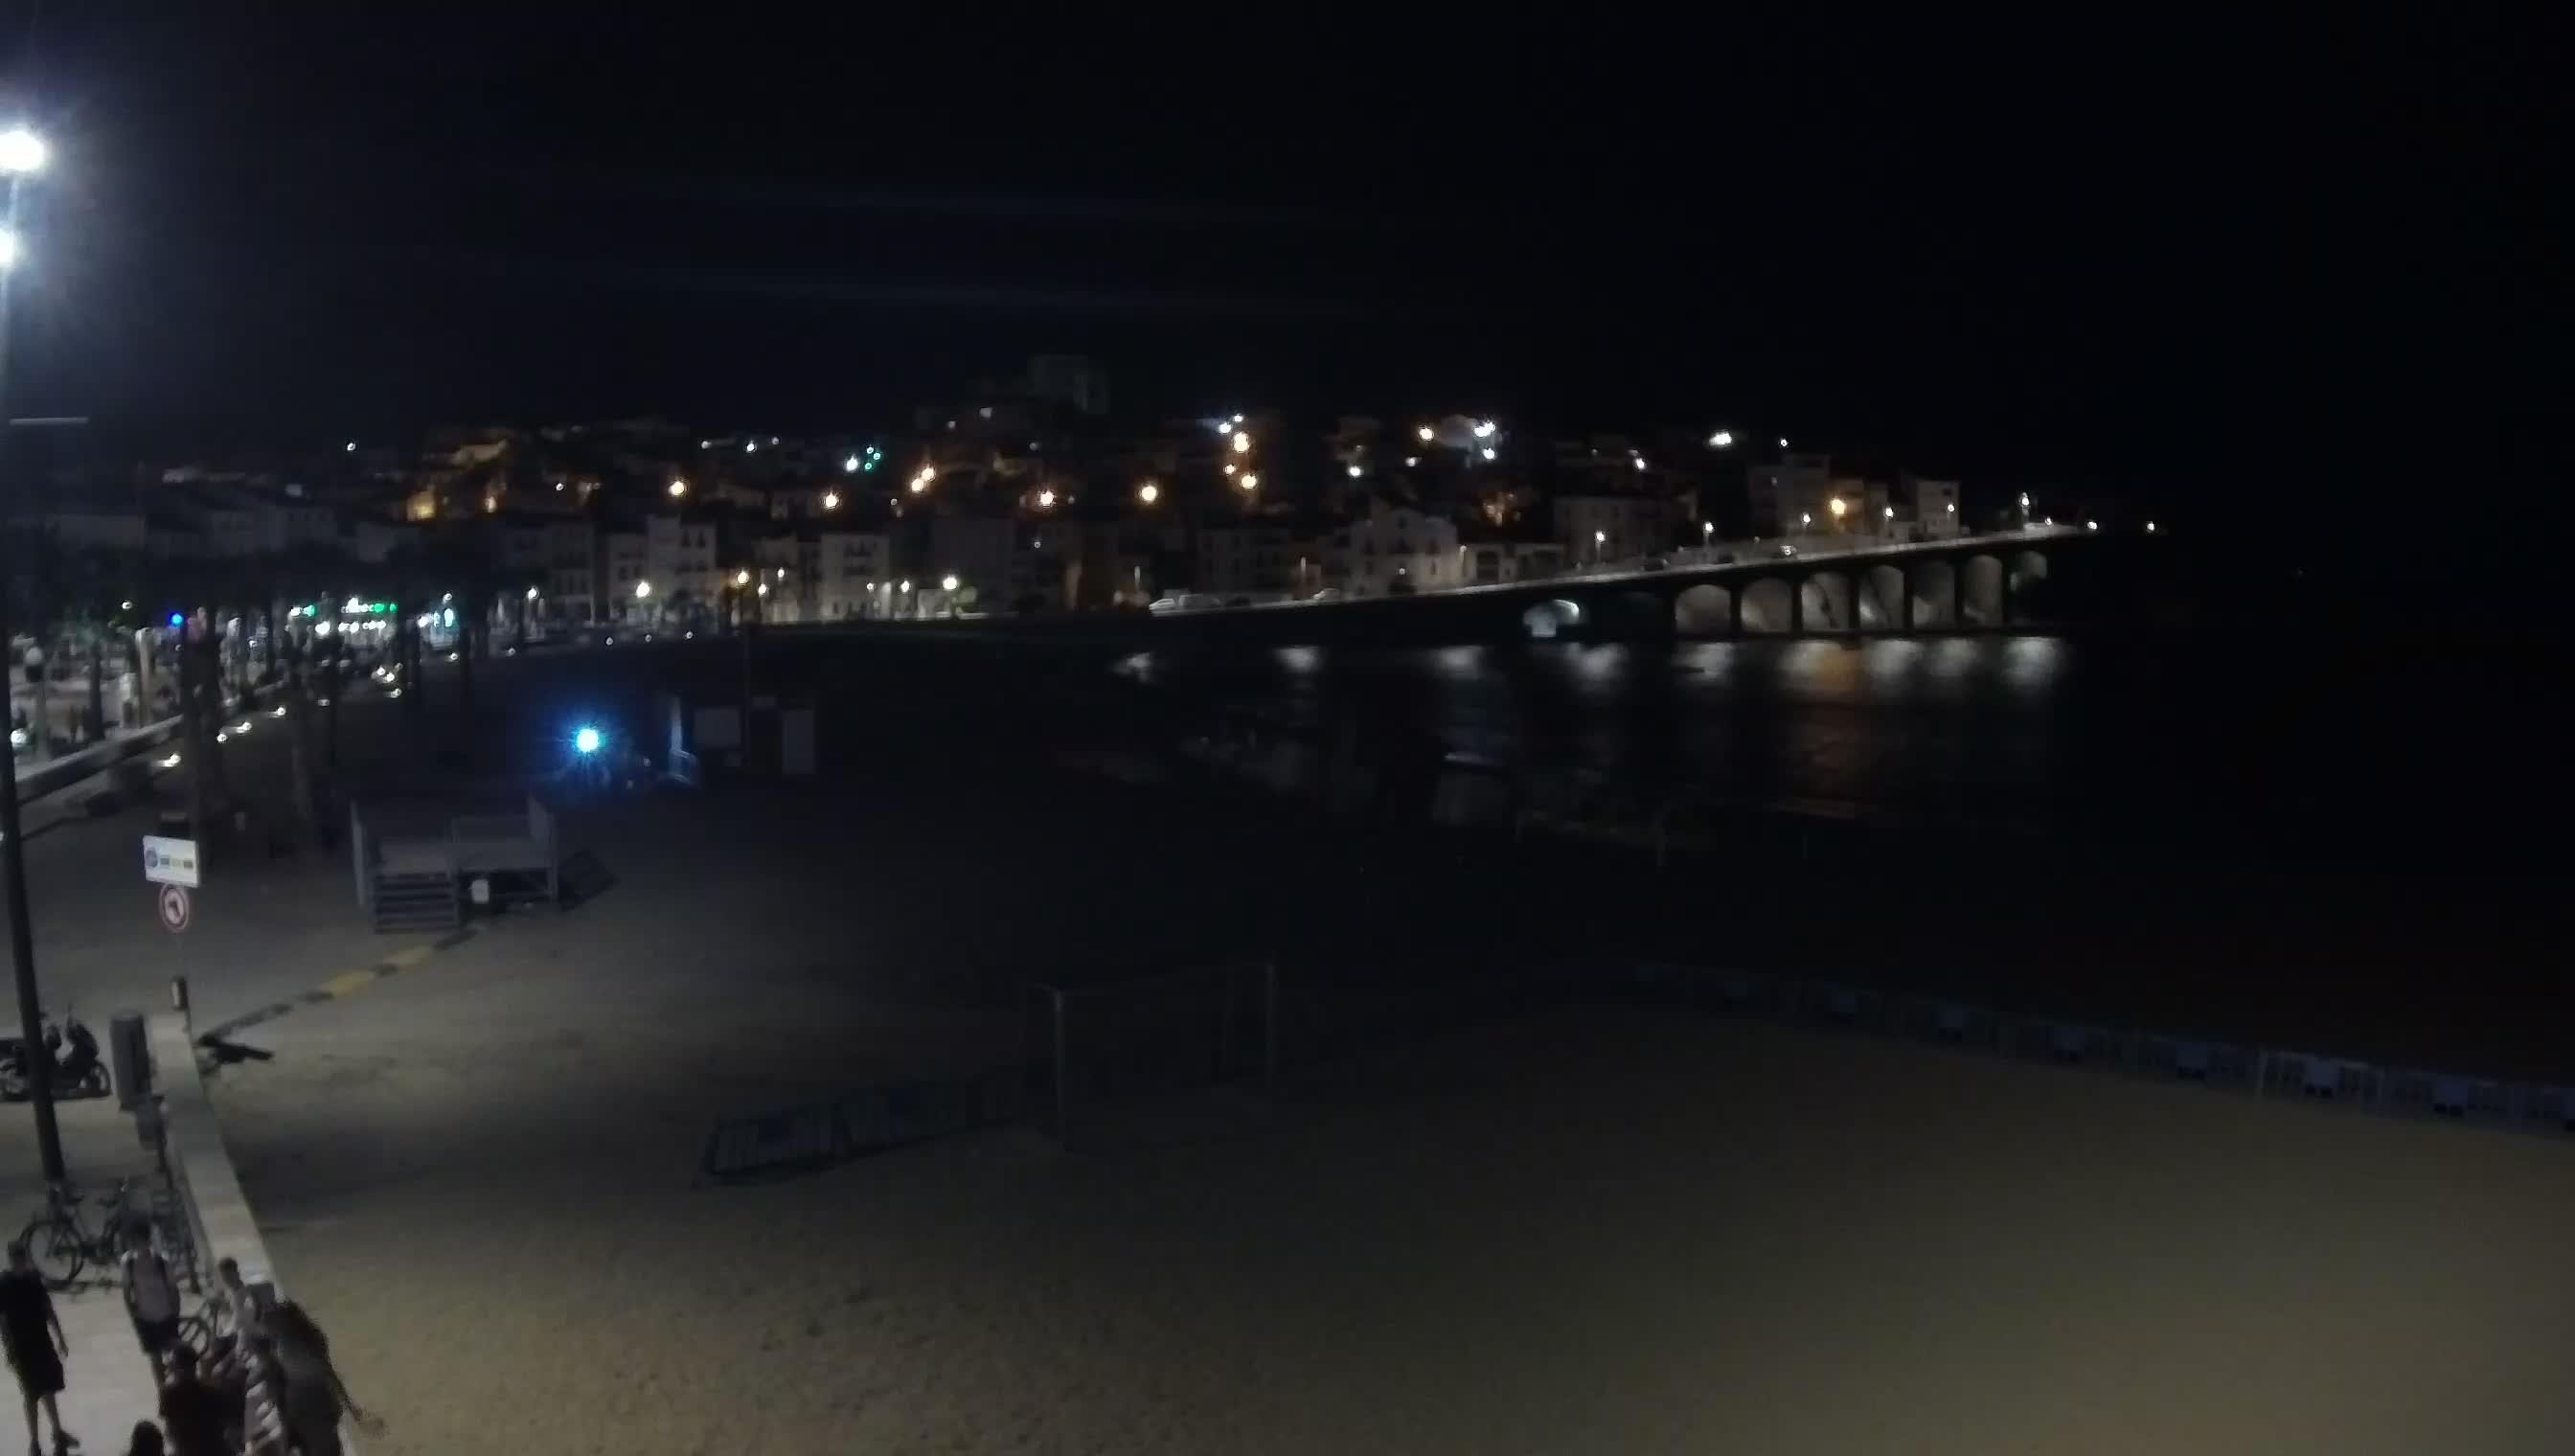 Banyuls-sur-Mer Sat. 01:22